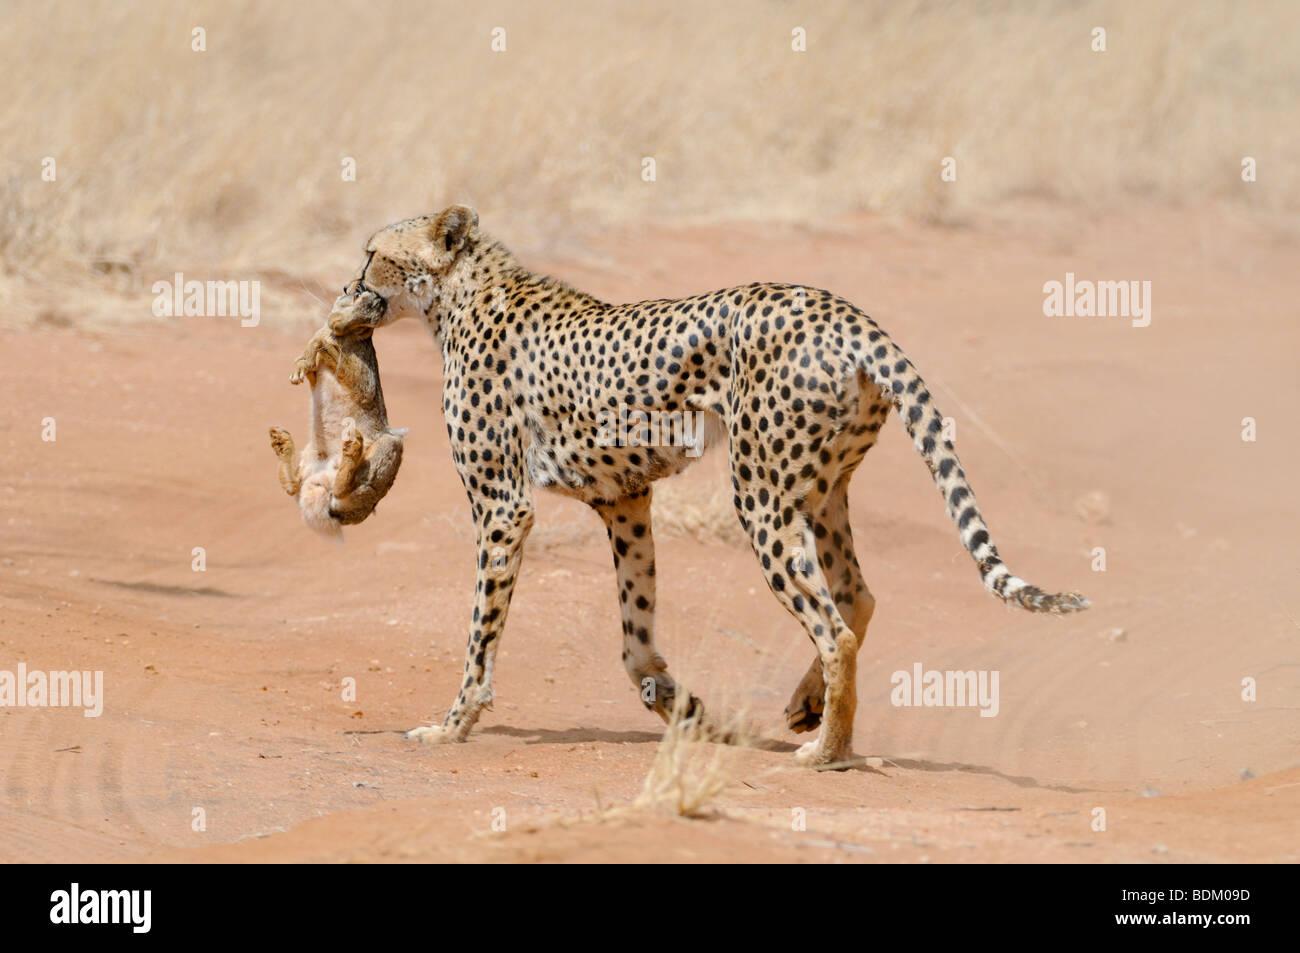 Africa, Kenya, Samburu riserva nazionale, ghepardo (Acinonyx jubatus) porta un coniglio cacciato nella sua bocca Immagini Stock